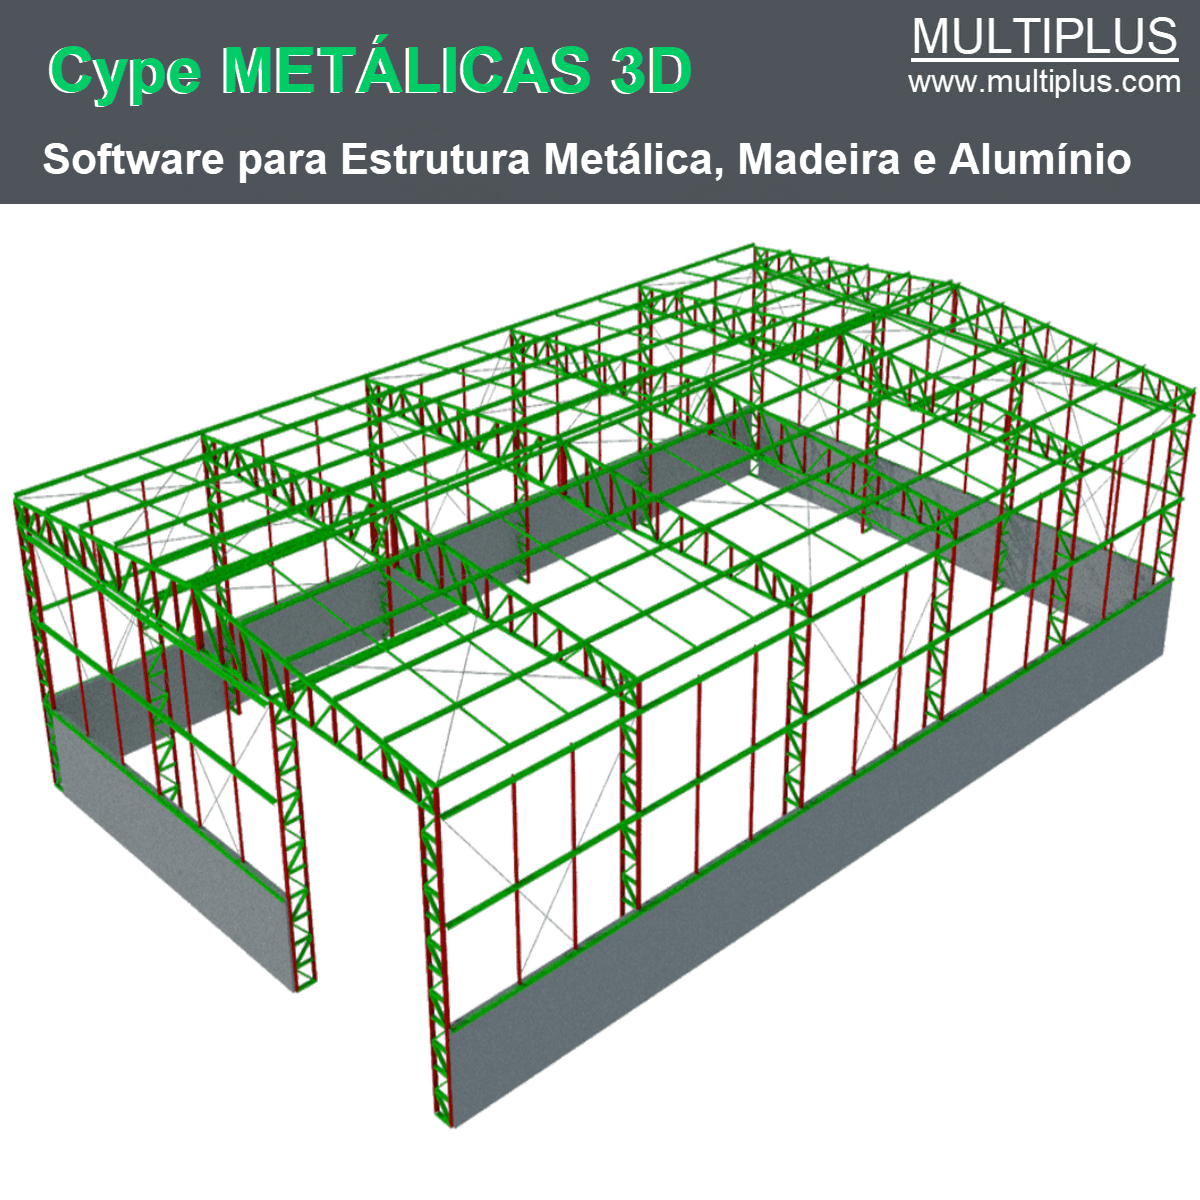 """Software Metálicas 3D MT45 versão 2021 (Licença Eletrônica) incluindo a modulação descrita em """"Itens Inclusos"""" a seguir  - MULTIPLUS SOFTWARES"""